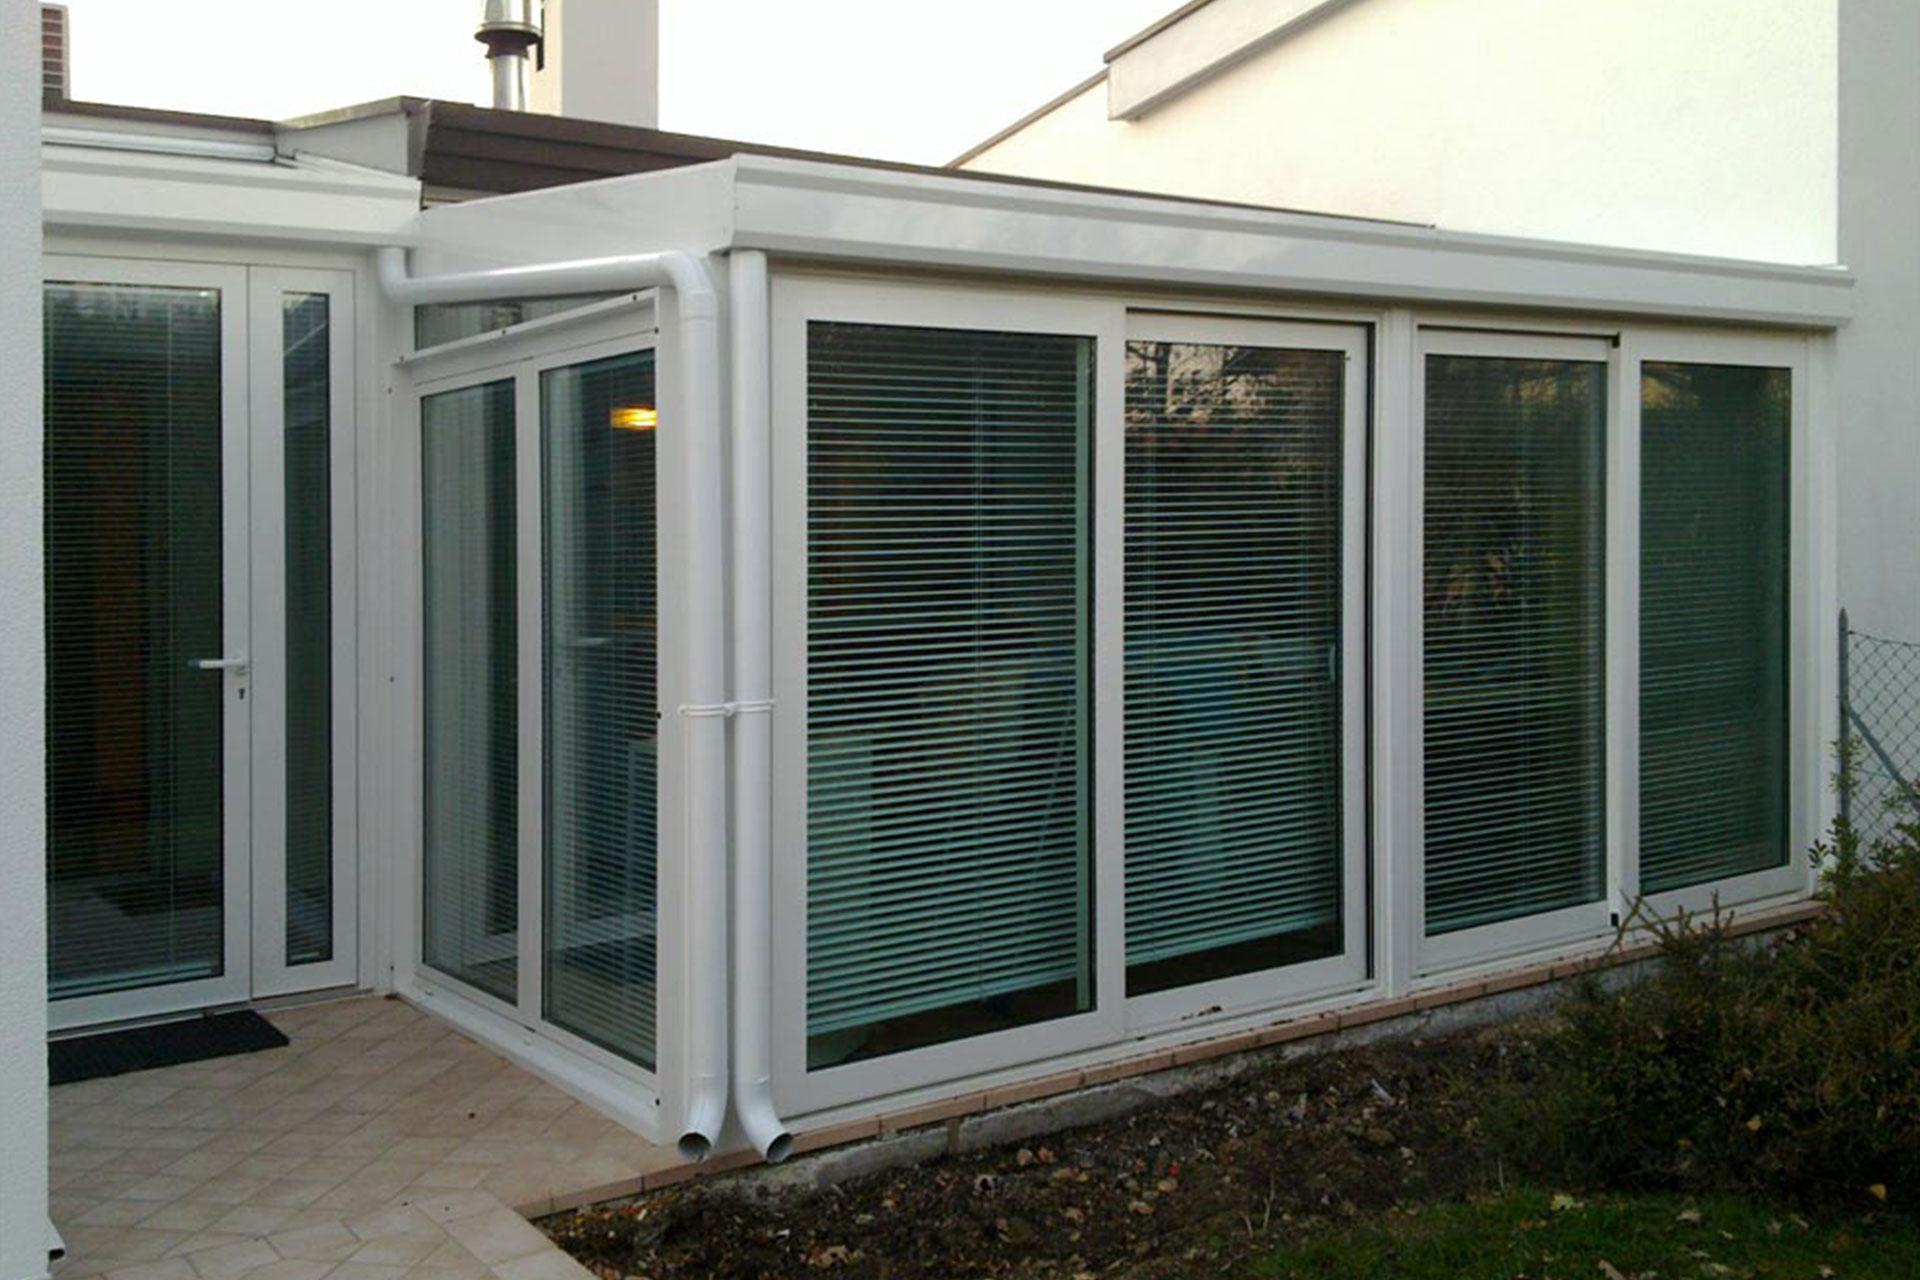 Giardino d'inverno winter garden serramenti alluminio taglio termico udine alboserramenti